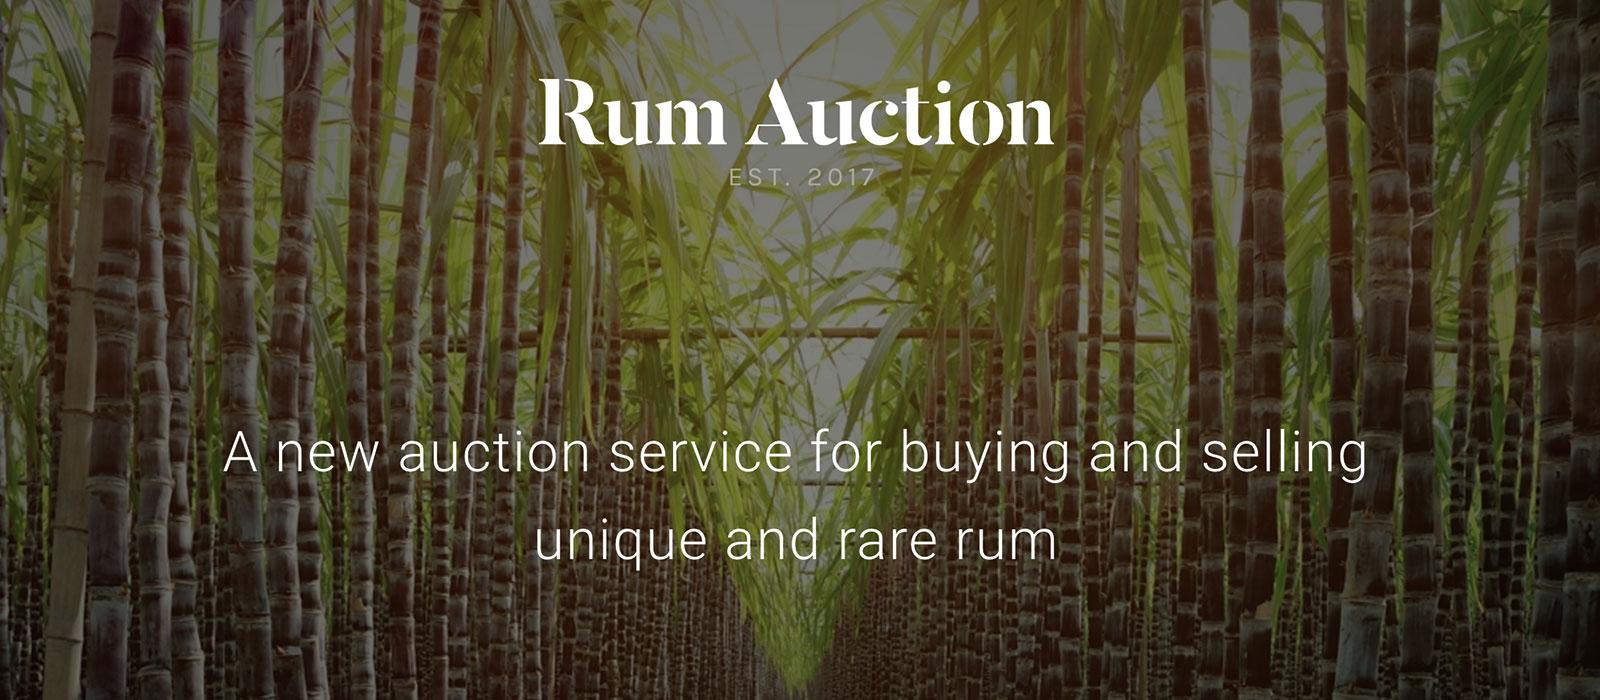 Ny auktionssajt för rom på gång – Rum.auction